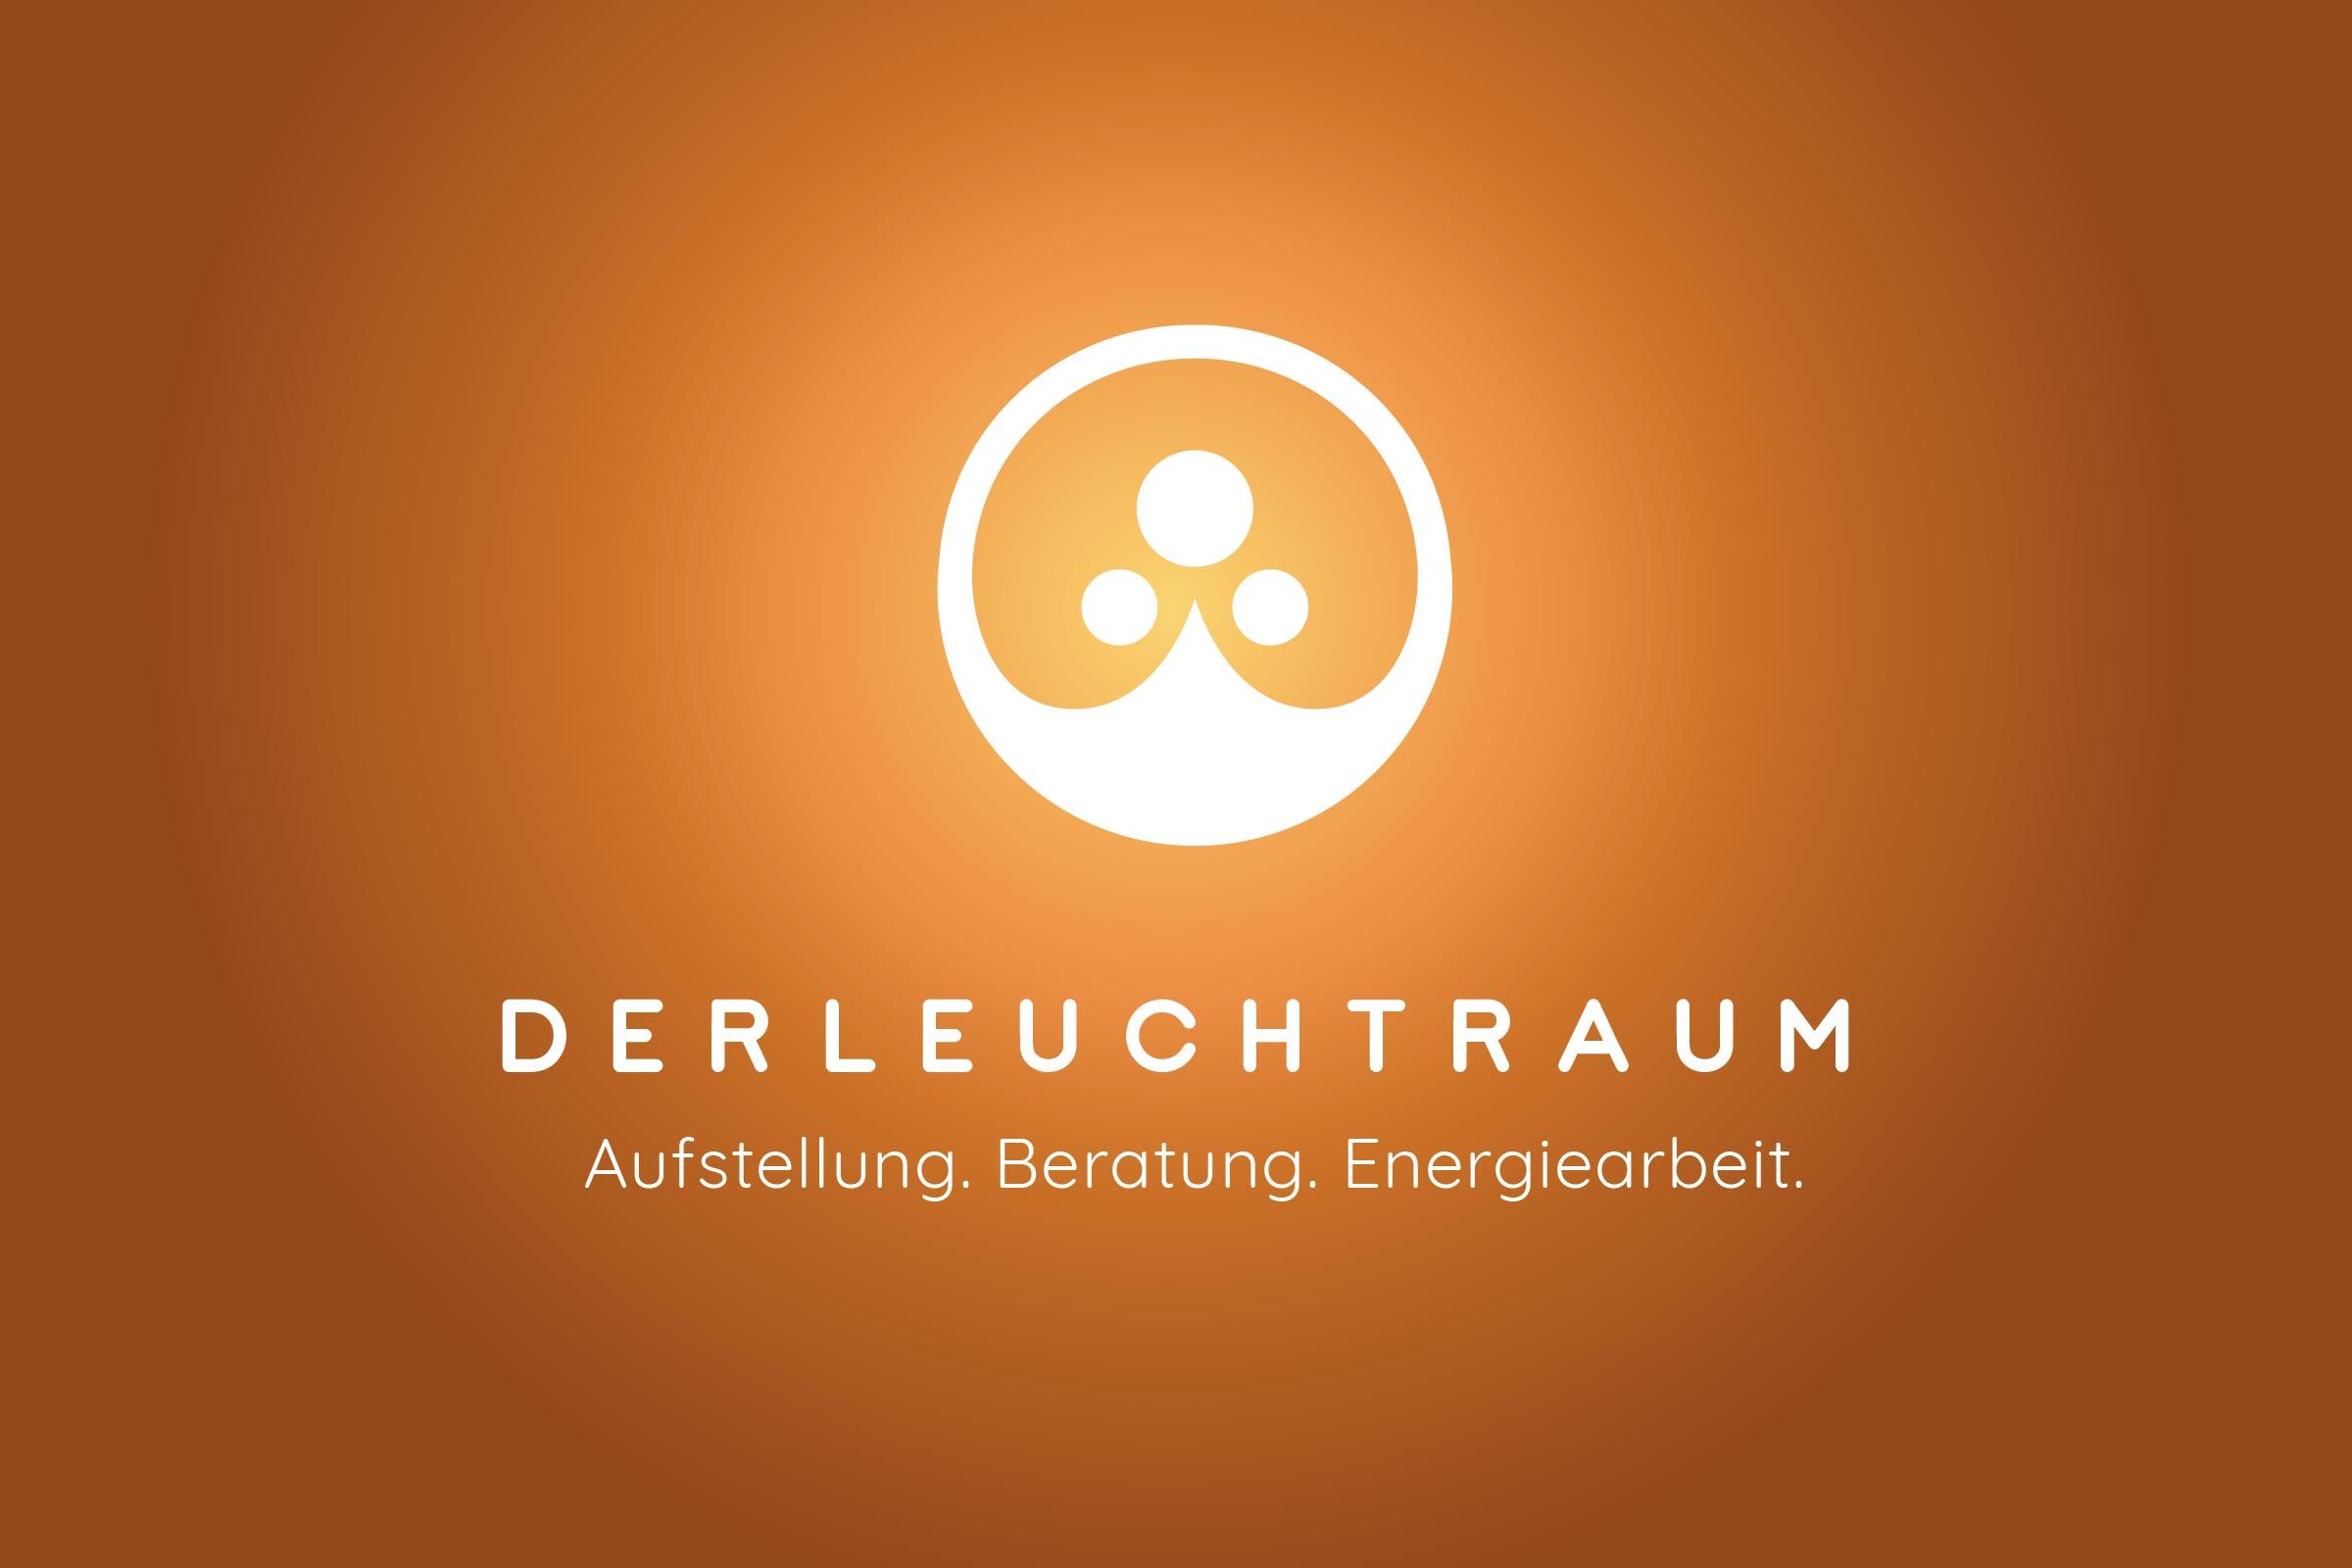 Logo Der Leuchtraum